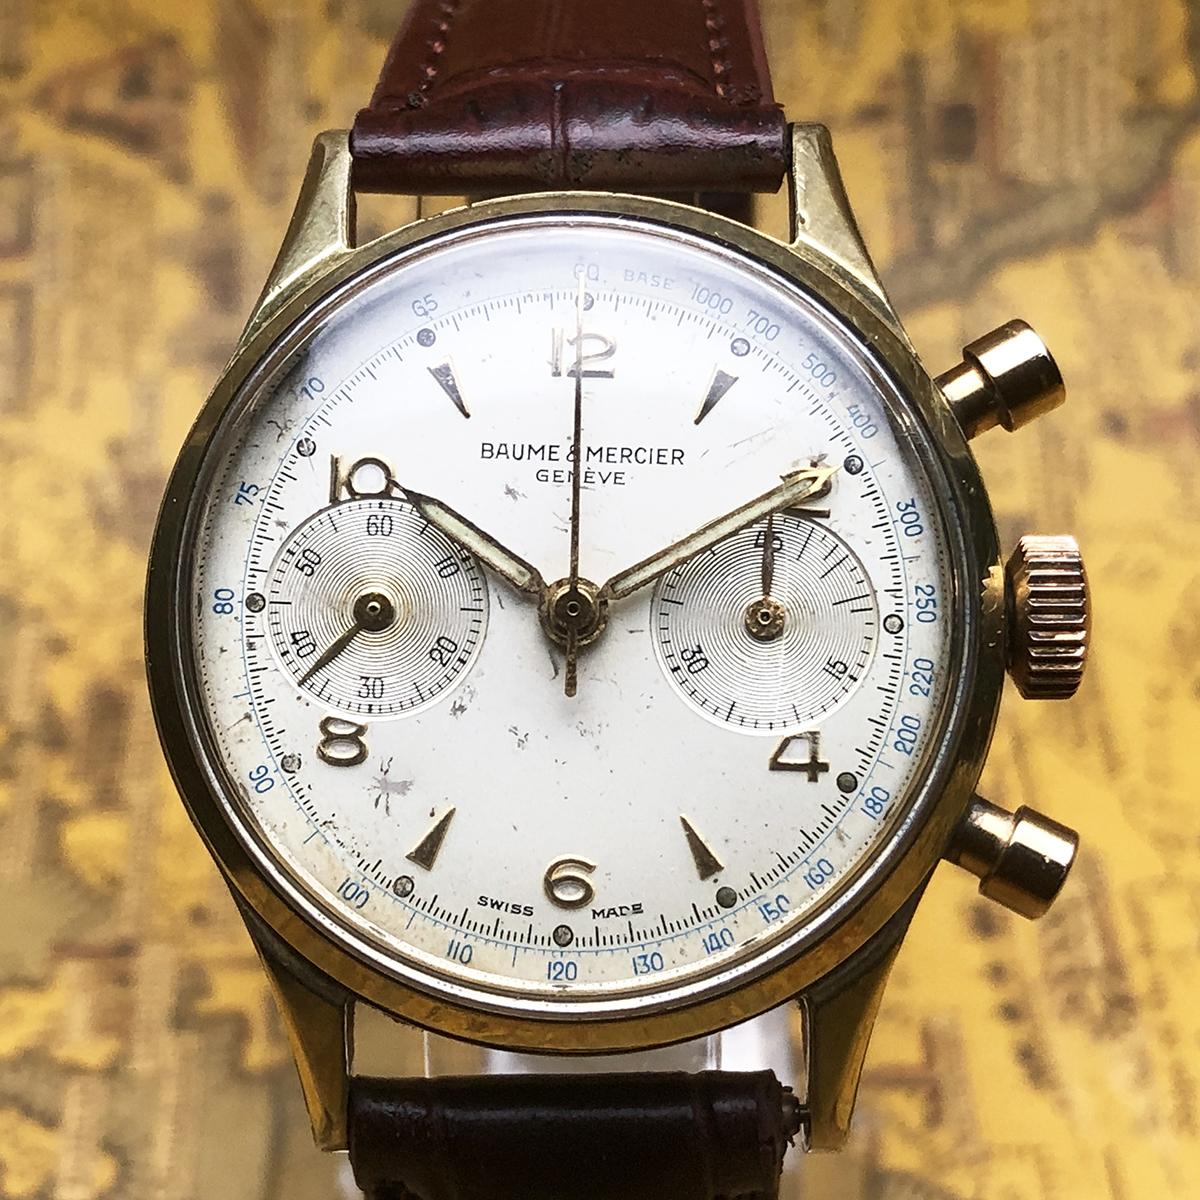 ★希少!! ボーム&メルシエ BAUME&MERCIER 1960s アンティーク Landeron149 メンズ 腕時計 クロノグラフ 手巻 白文字盤 ビンテージ 高級_画像2